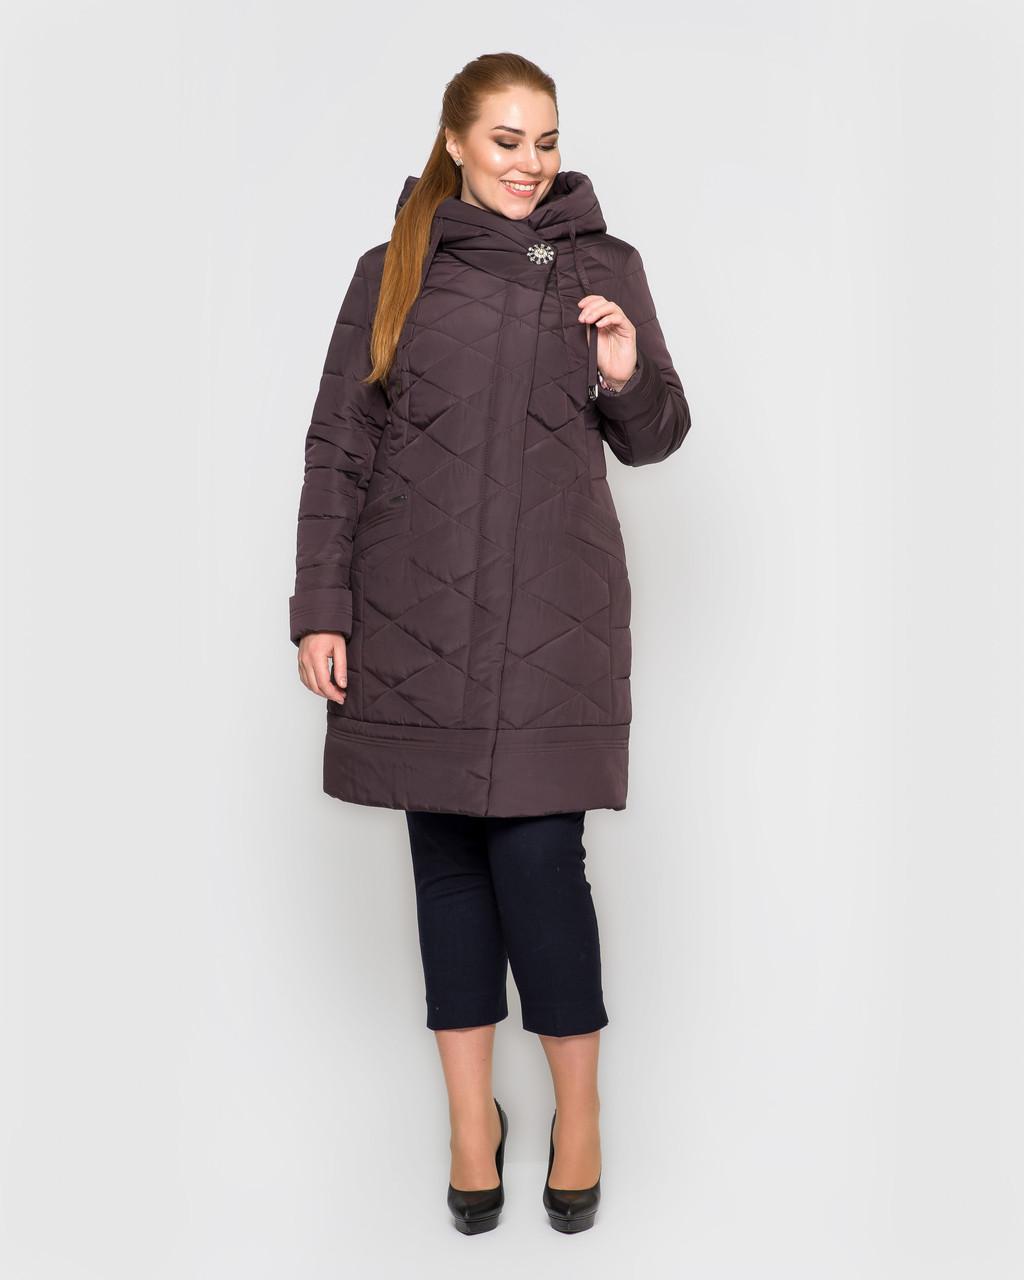 Куртка женская демисезонная батал 3634, 48-58